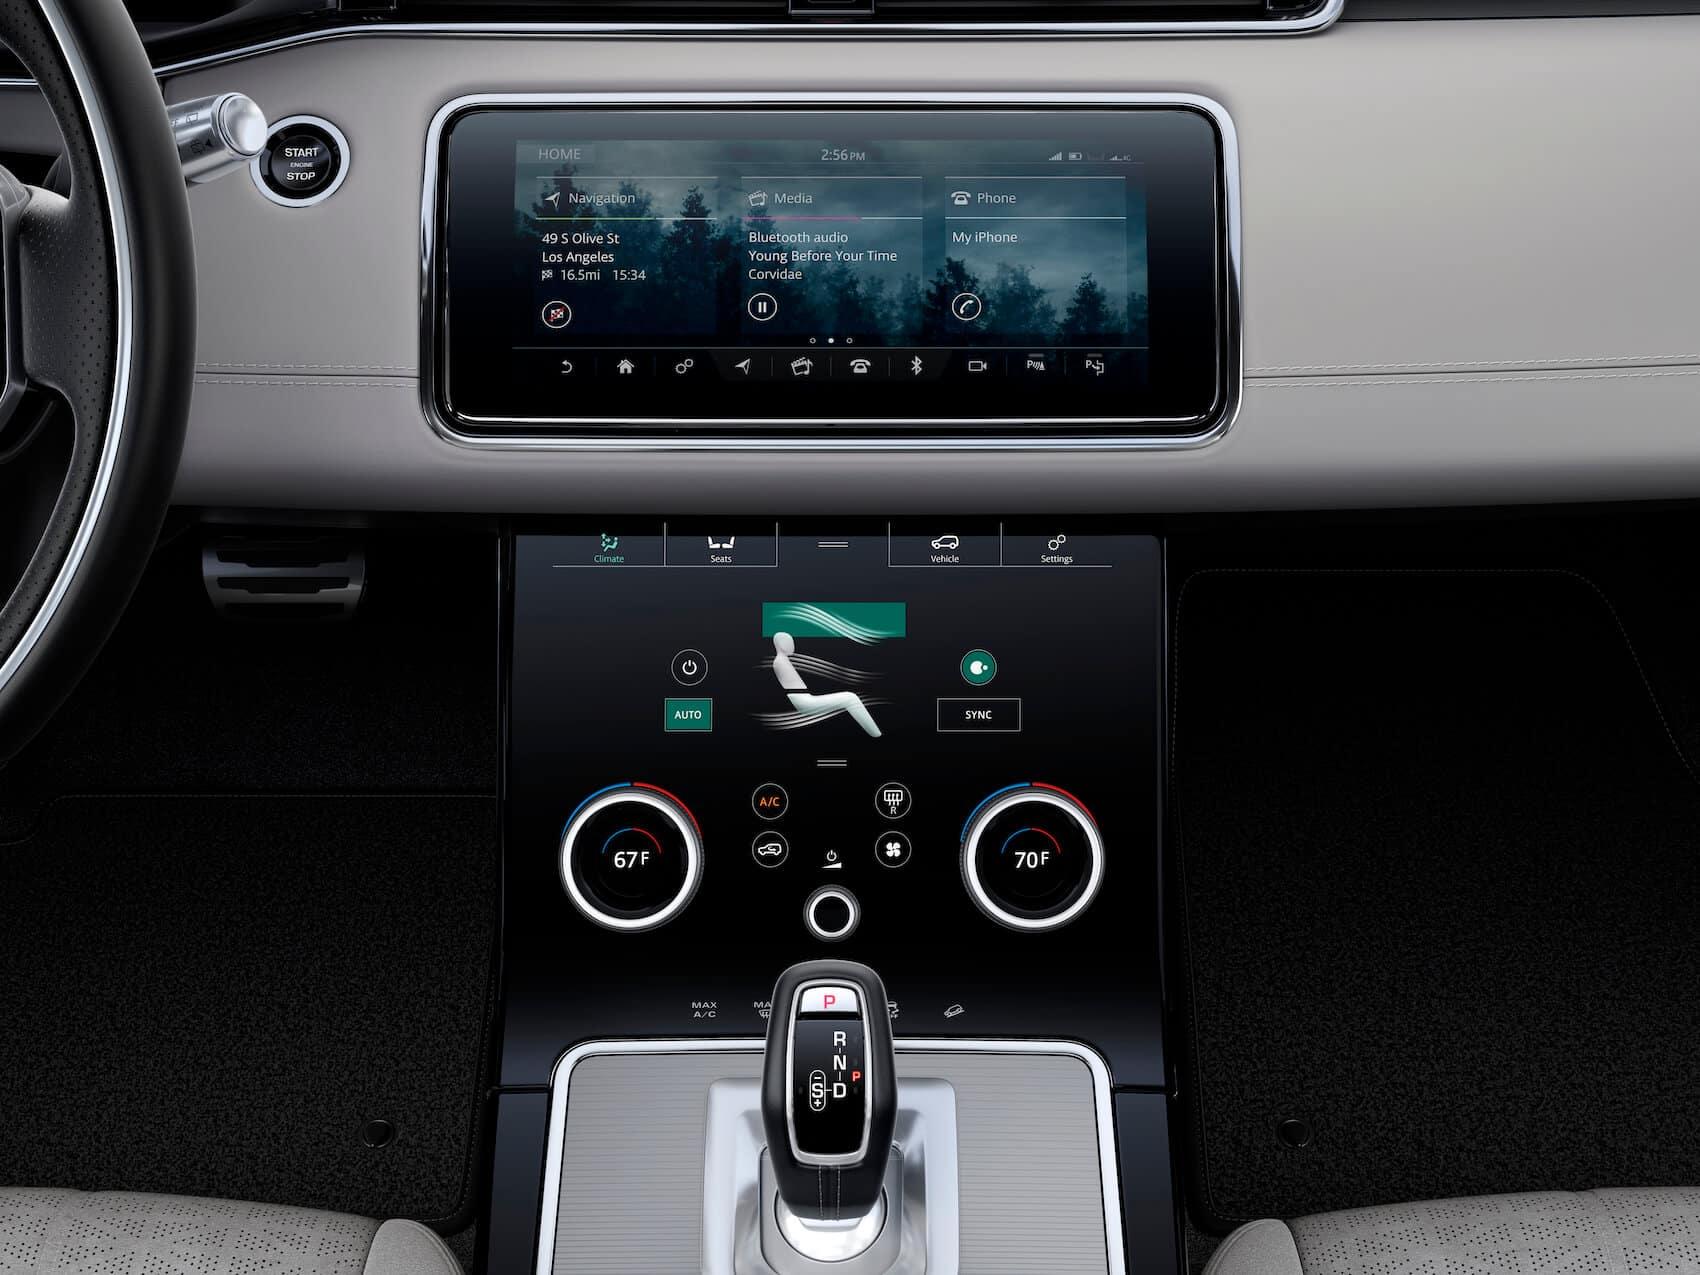 Range Rover Evoque Tech